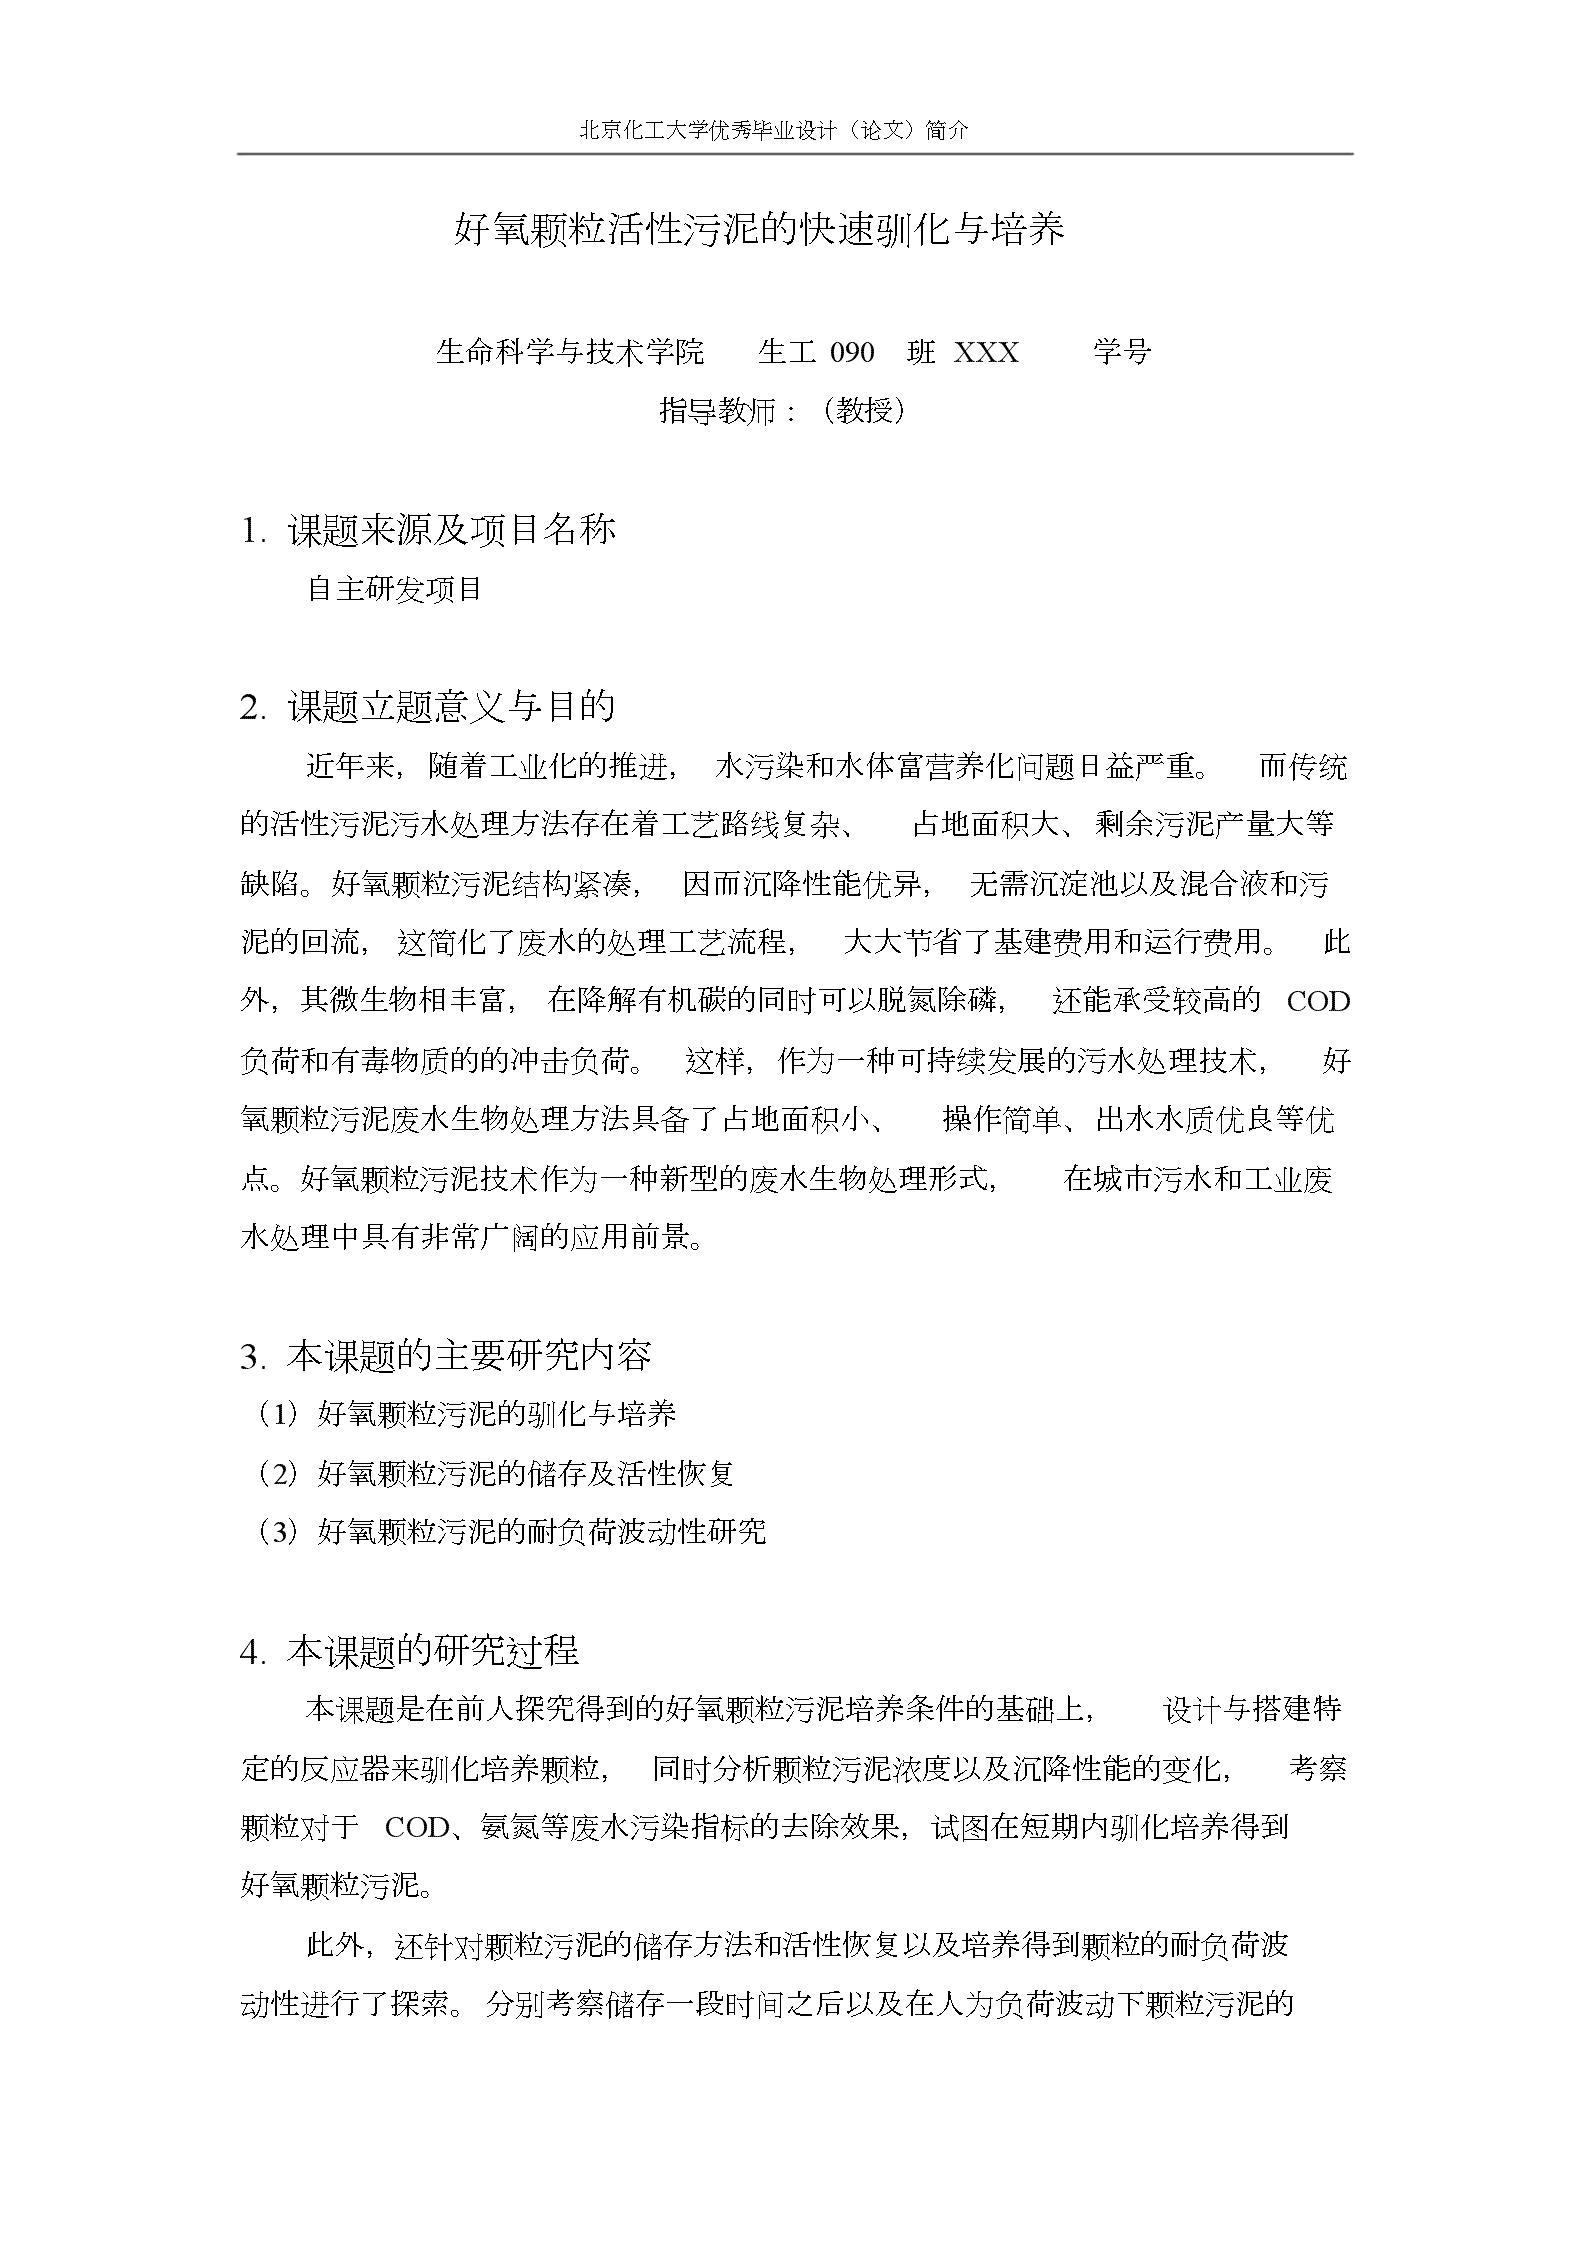 优秀毕业设计(论文)简介模板.doc